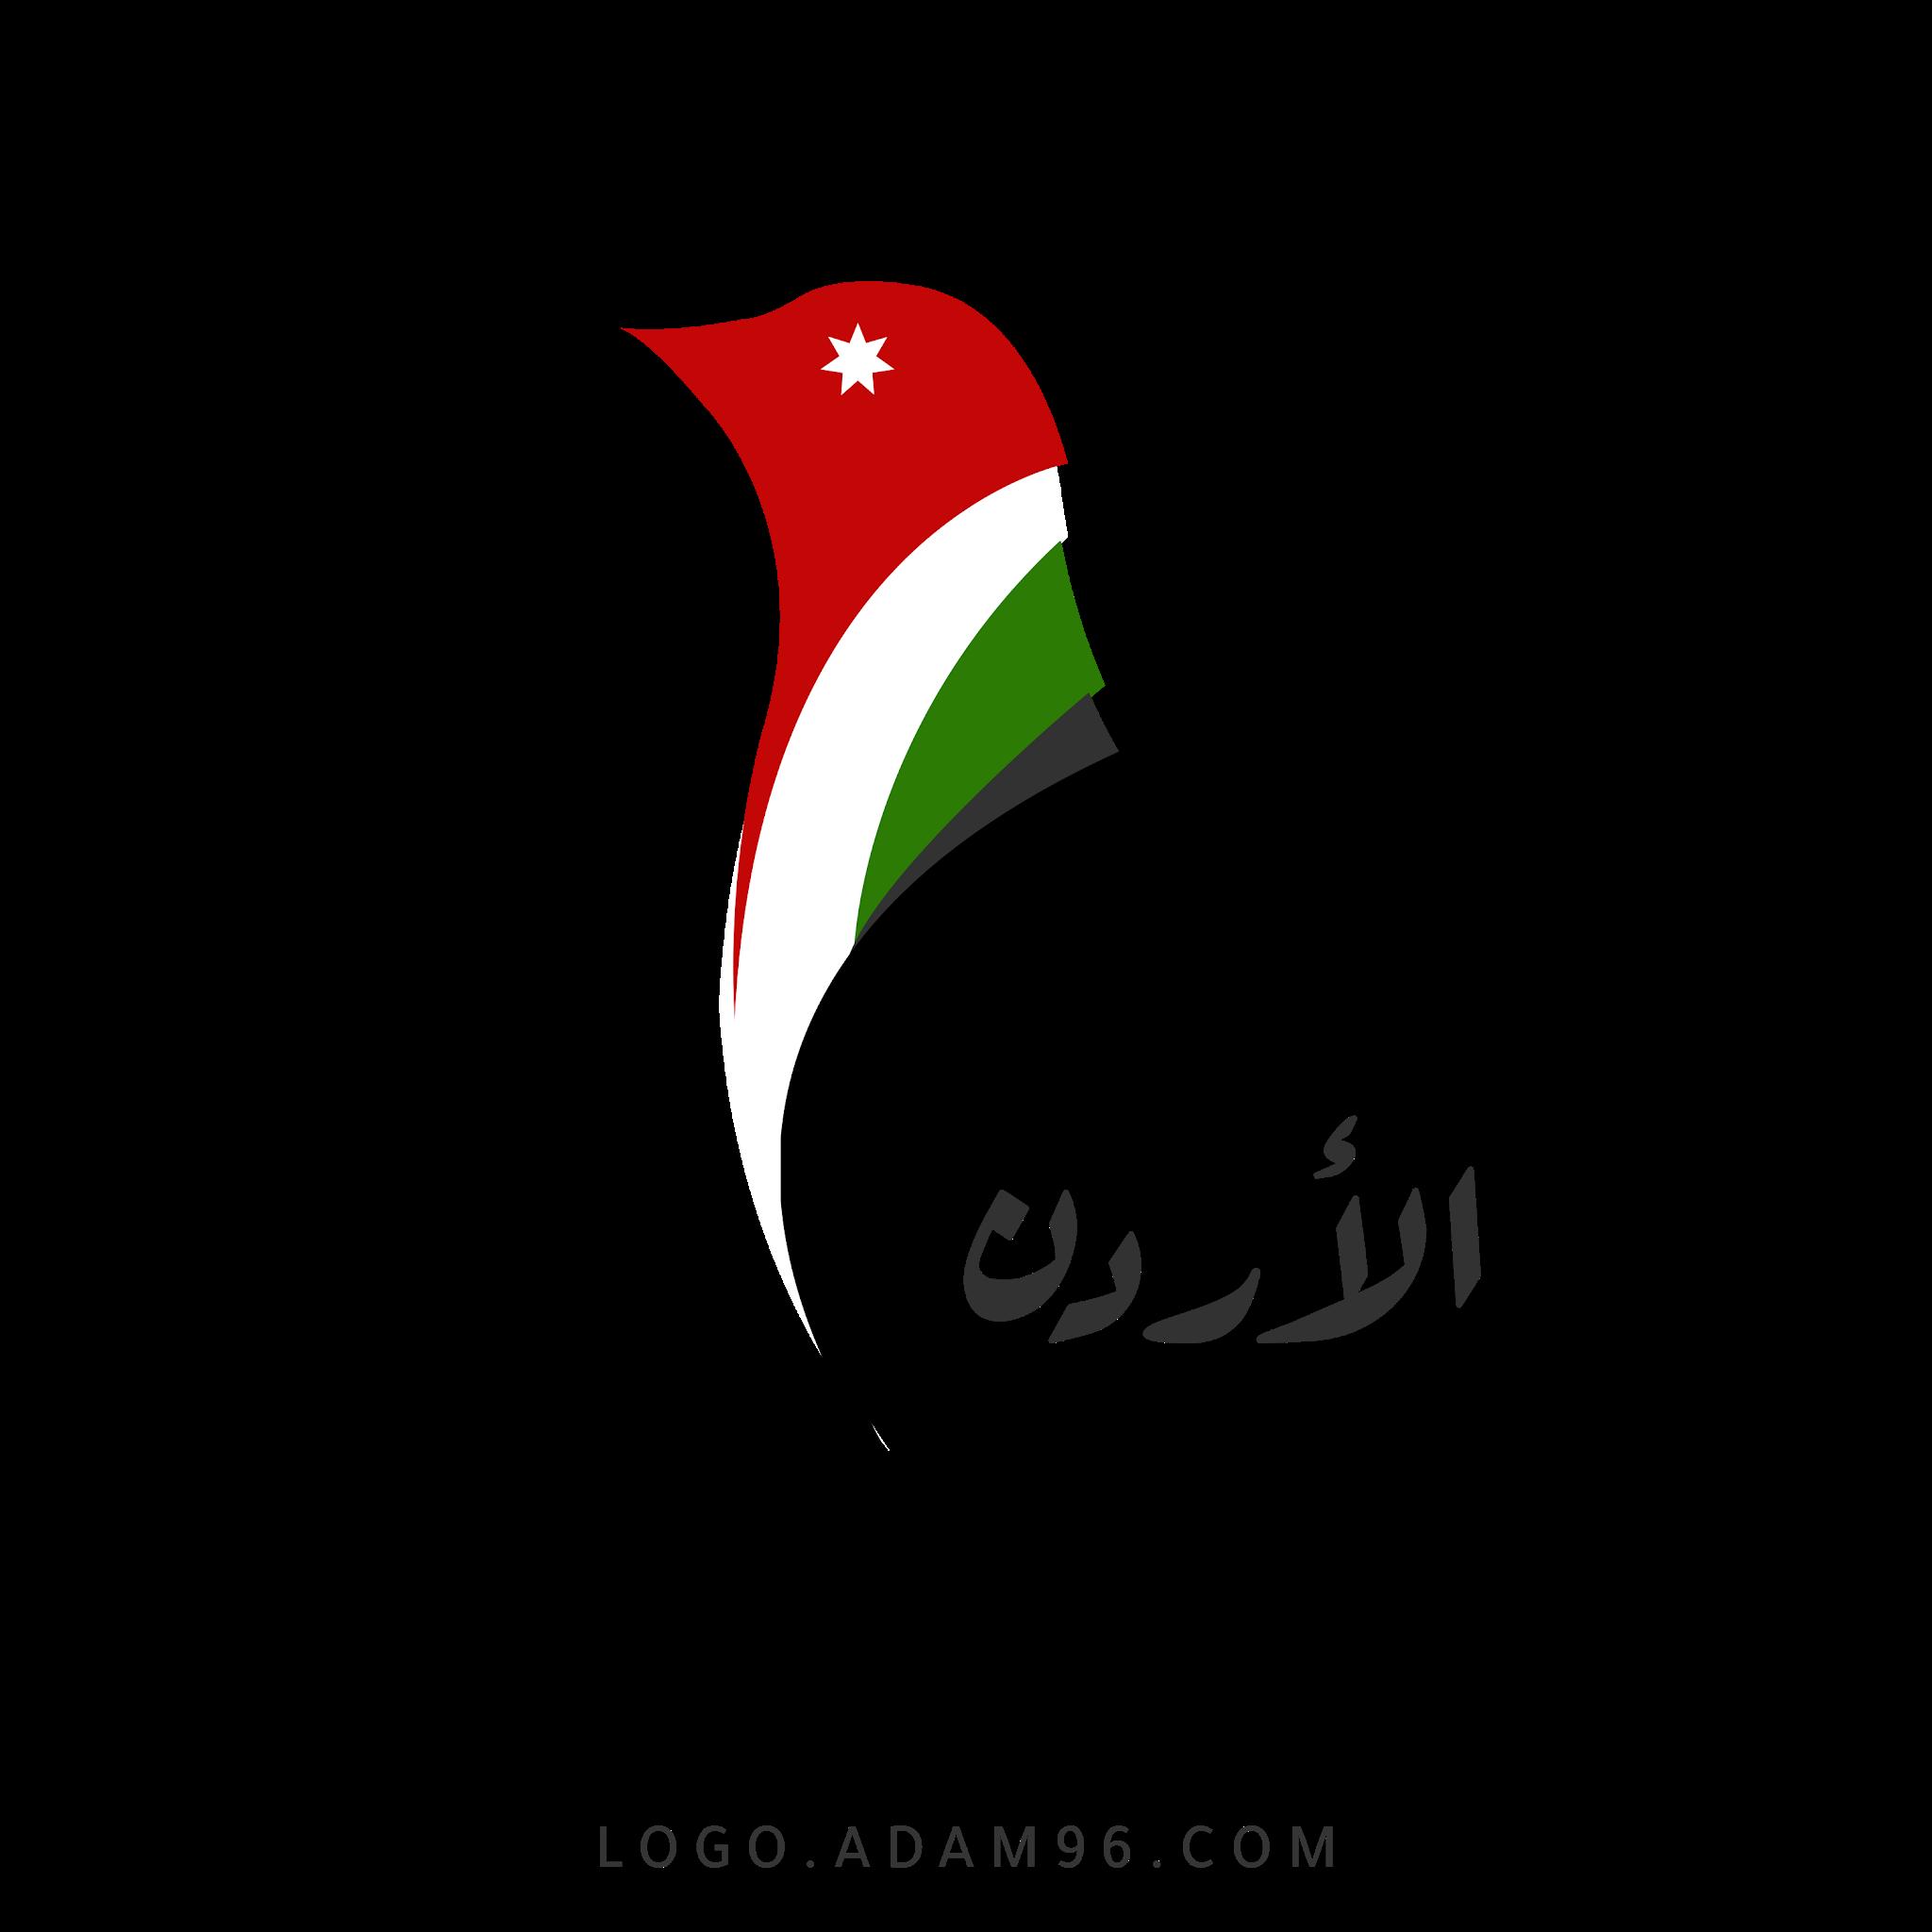 تحميل شعار الاردن بدون حقوق لوجو مجاناً عالي الدقة بصيغة شفافة PNG